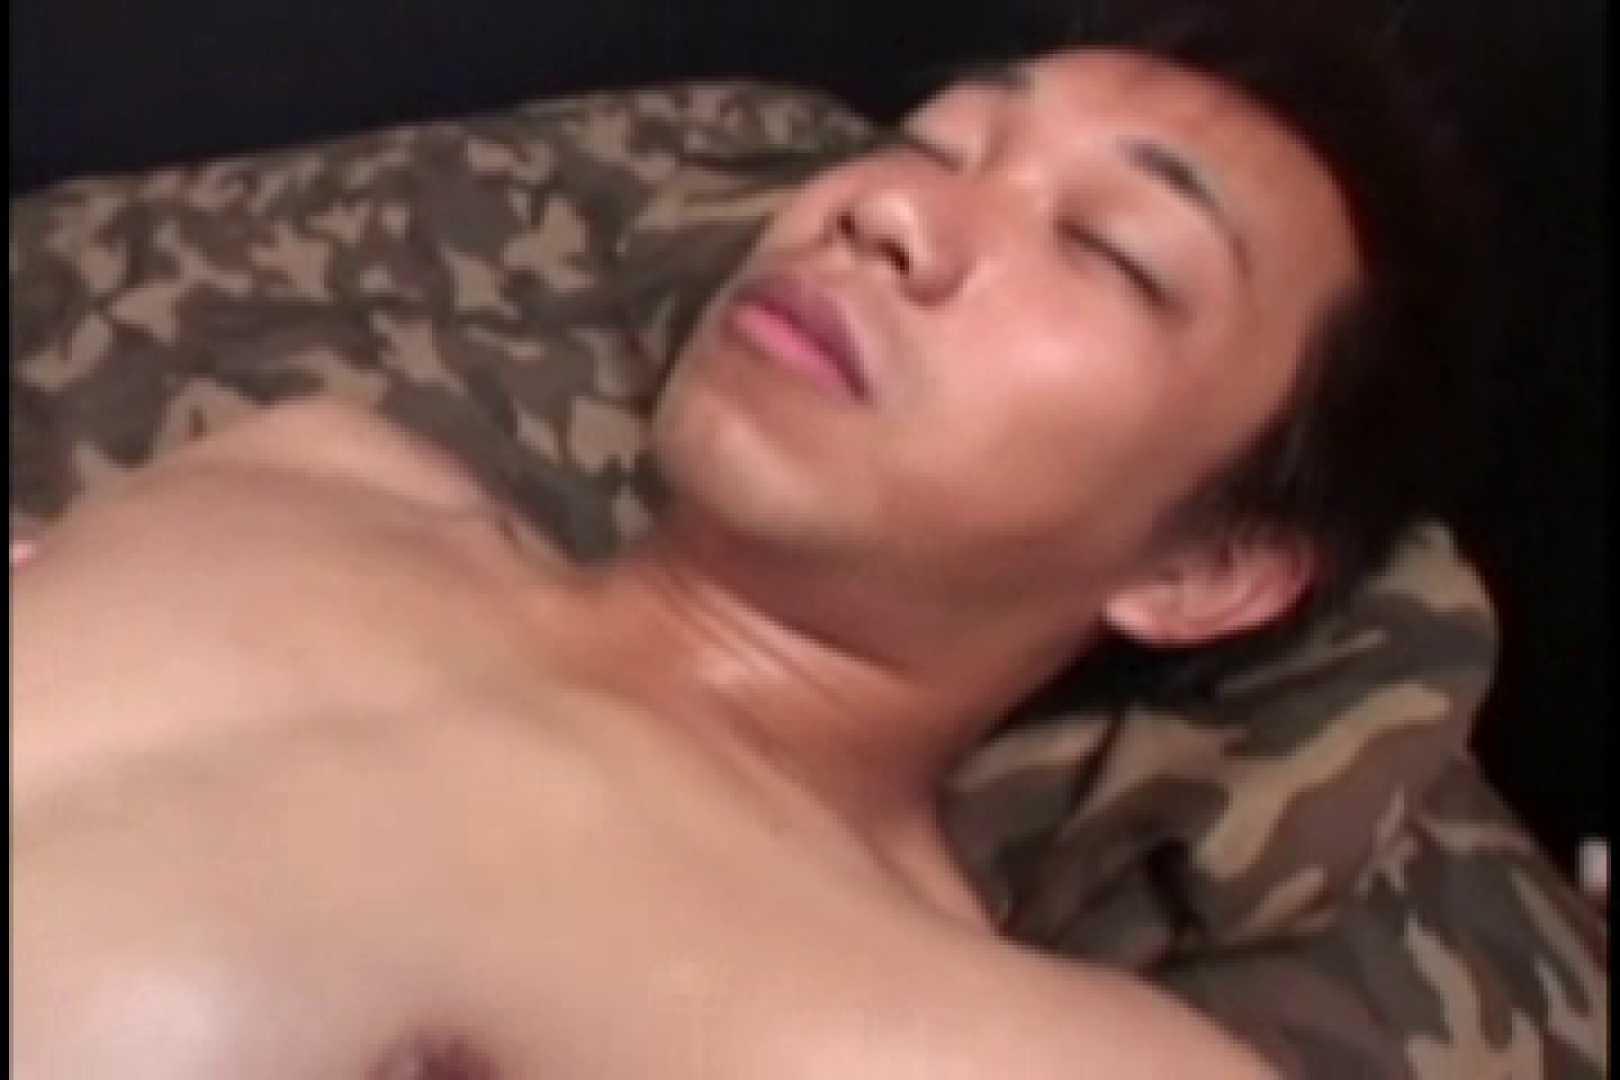 スリ筋!!スポメンのDANKON最高!!take.03 イケメンたち ゲイエロ動画 77pic 64